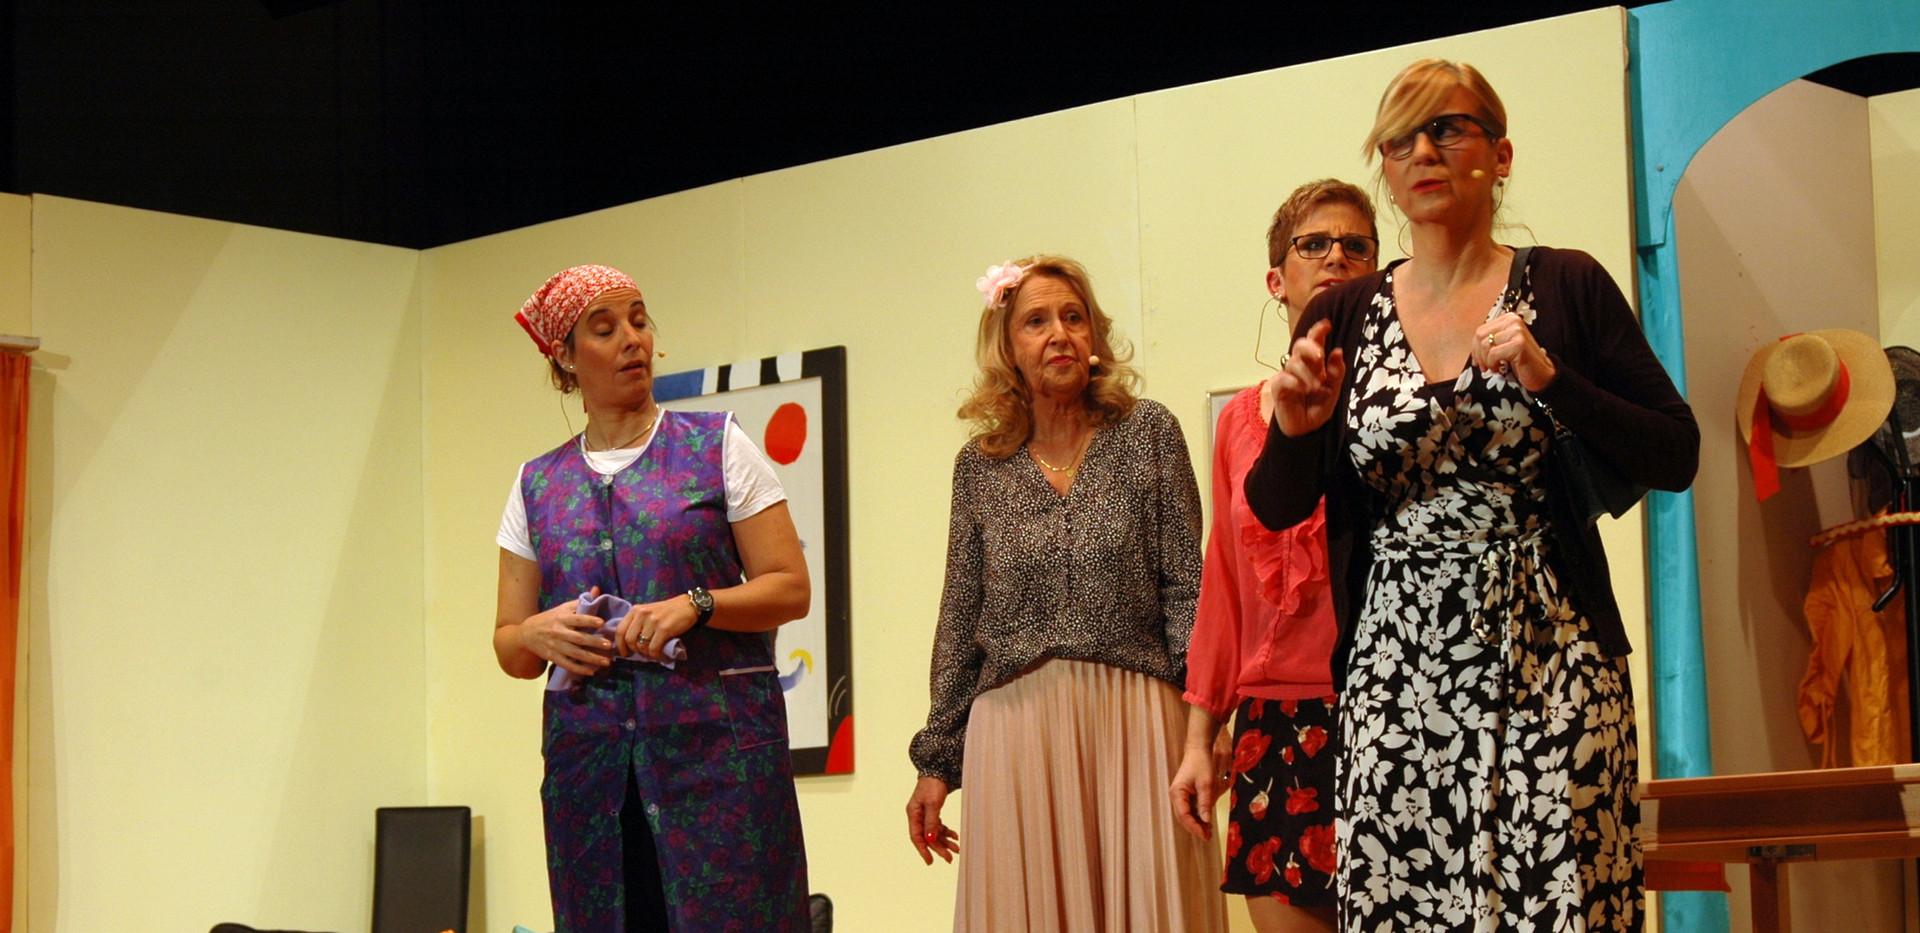 Theaterbilder2018 (82).JPG